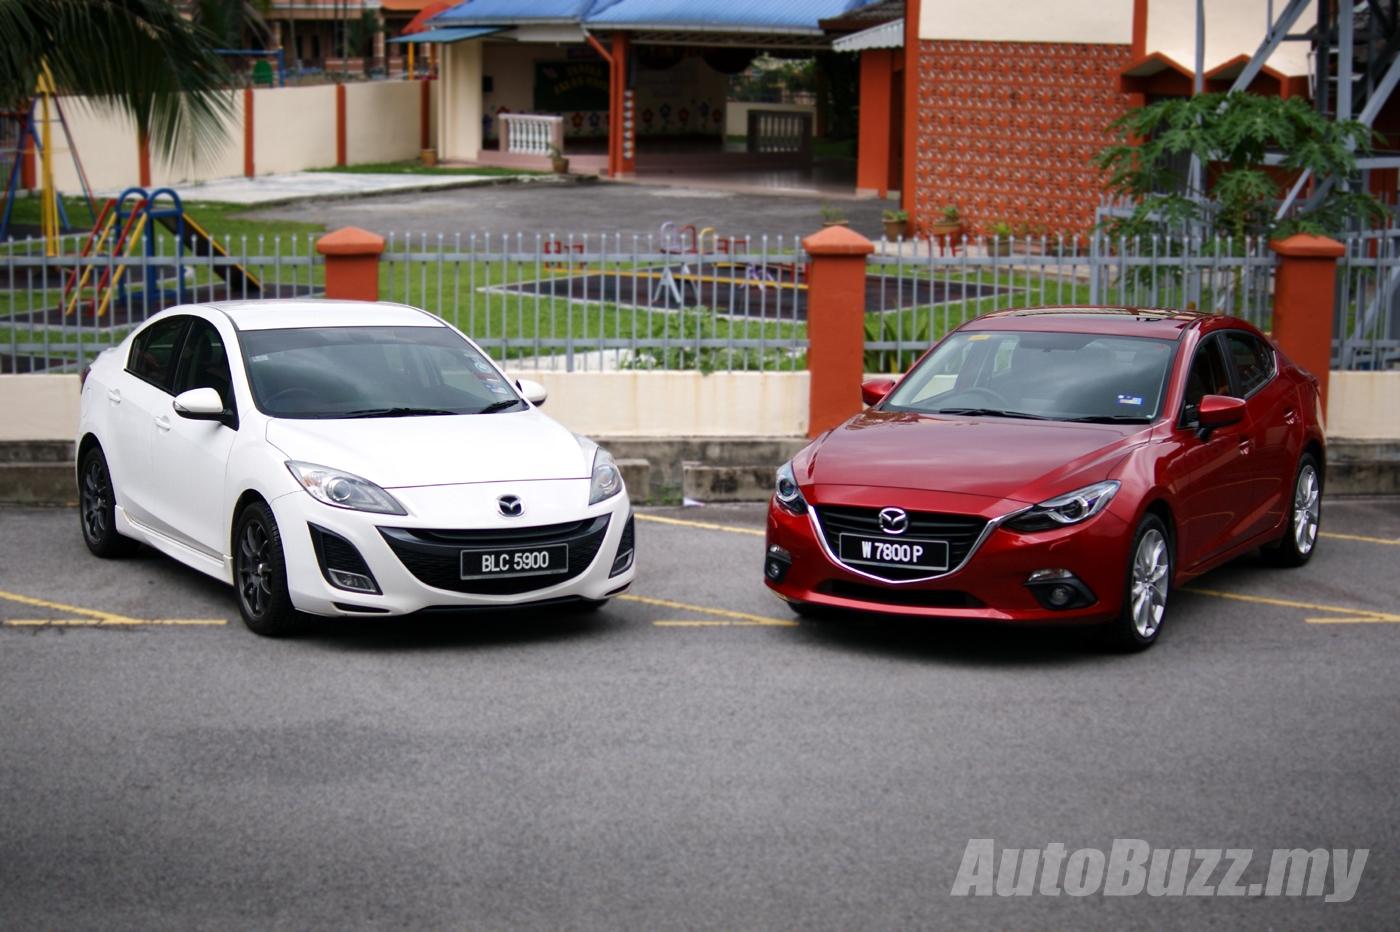 New Vs Old: 2014 Mazda3 2.0 SkyActiv U0026 2009 Mazda3 2.0 Sport Compared